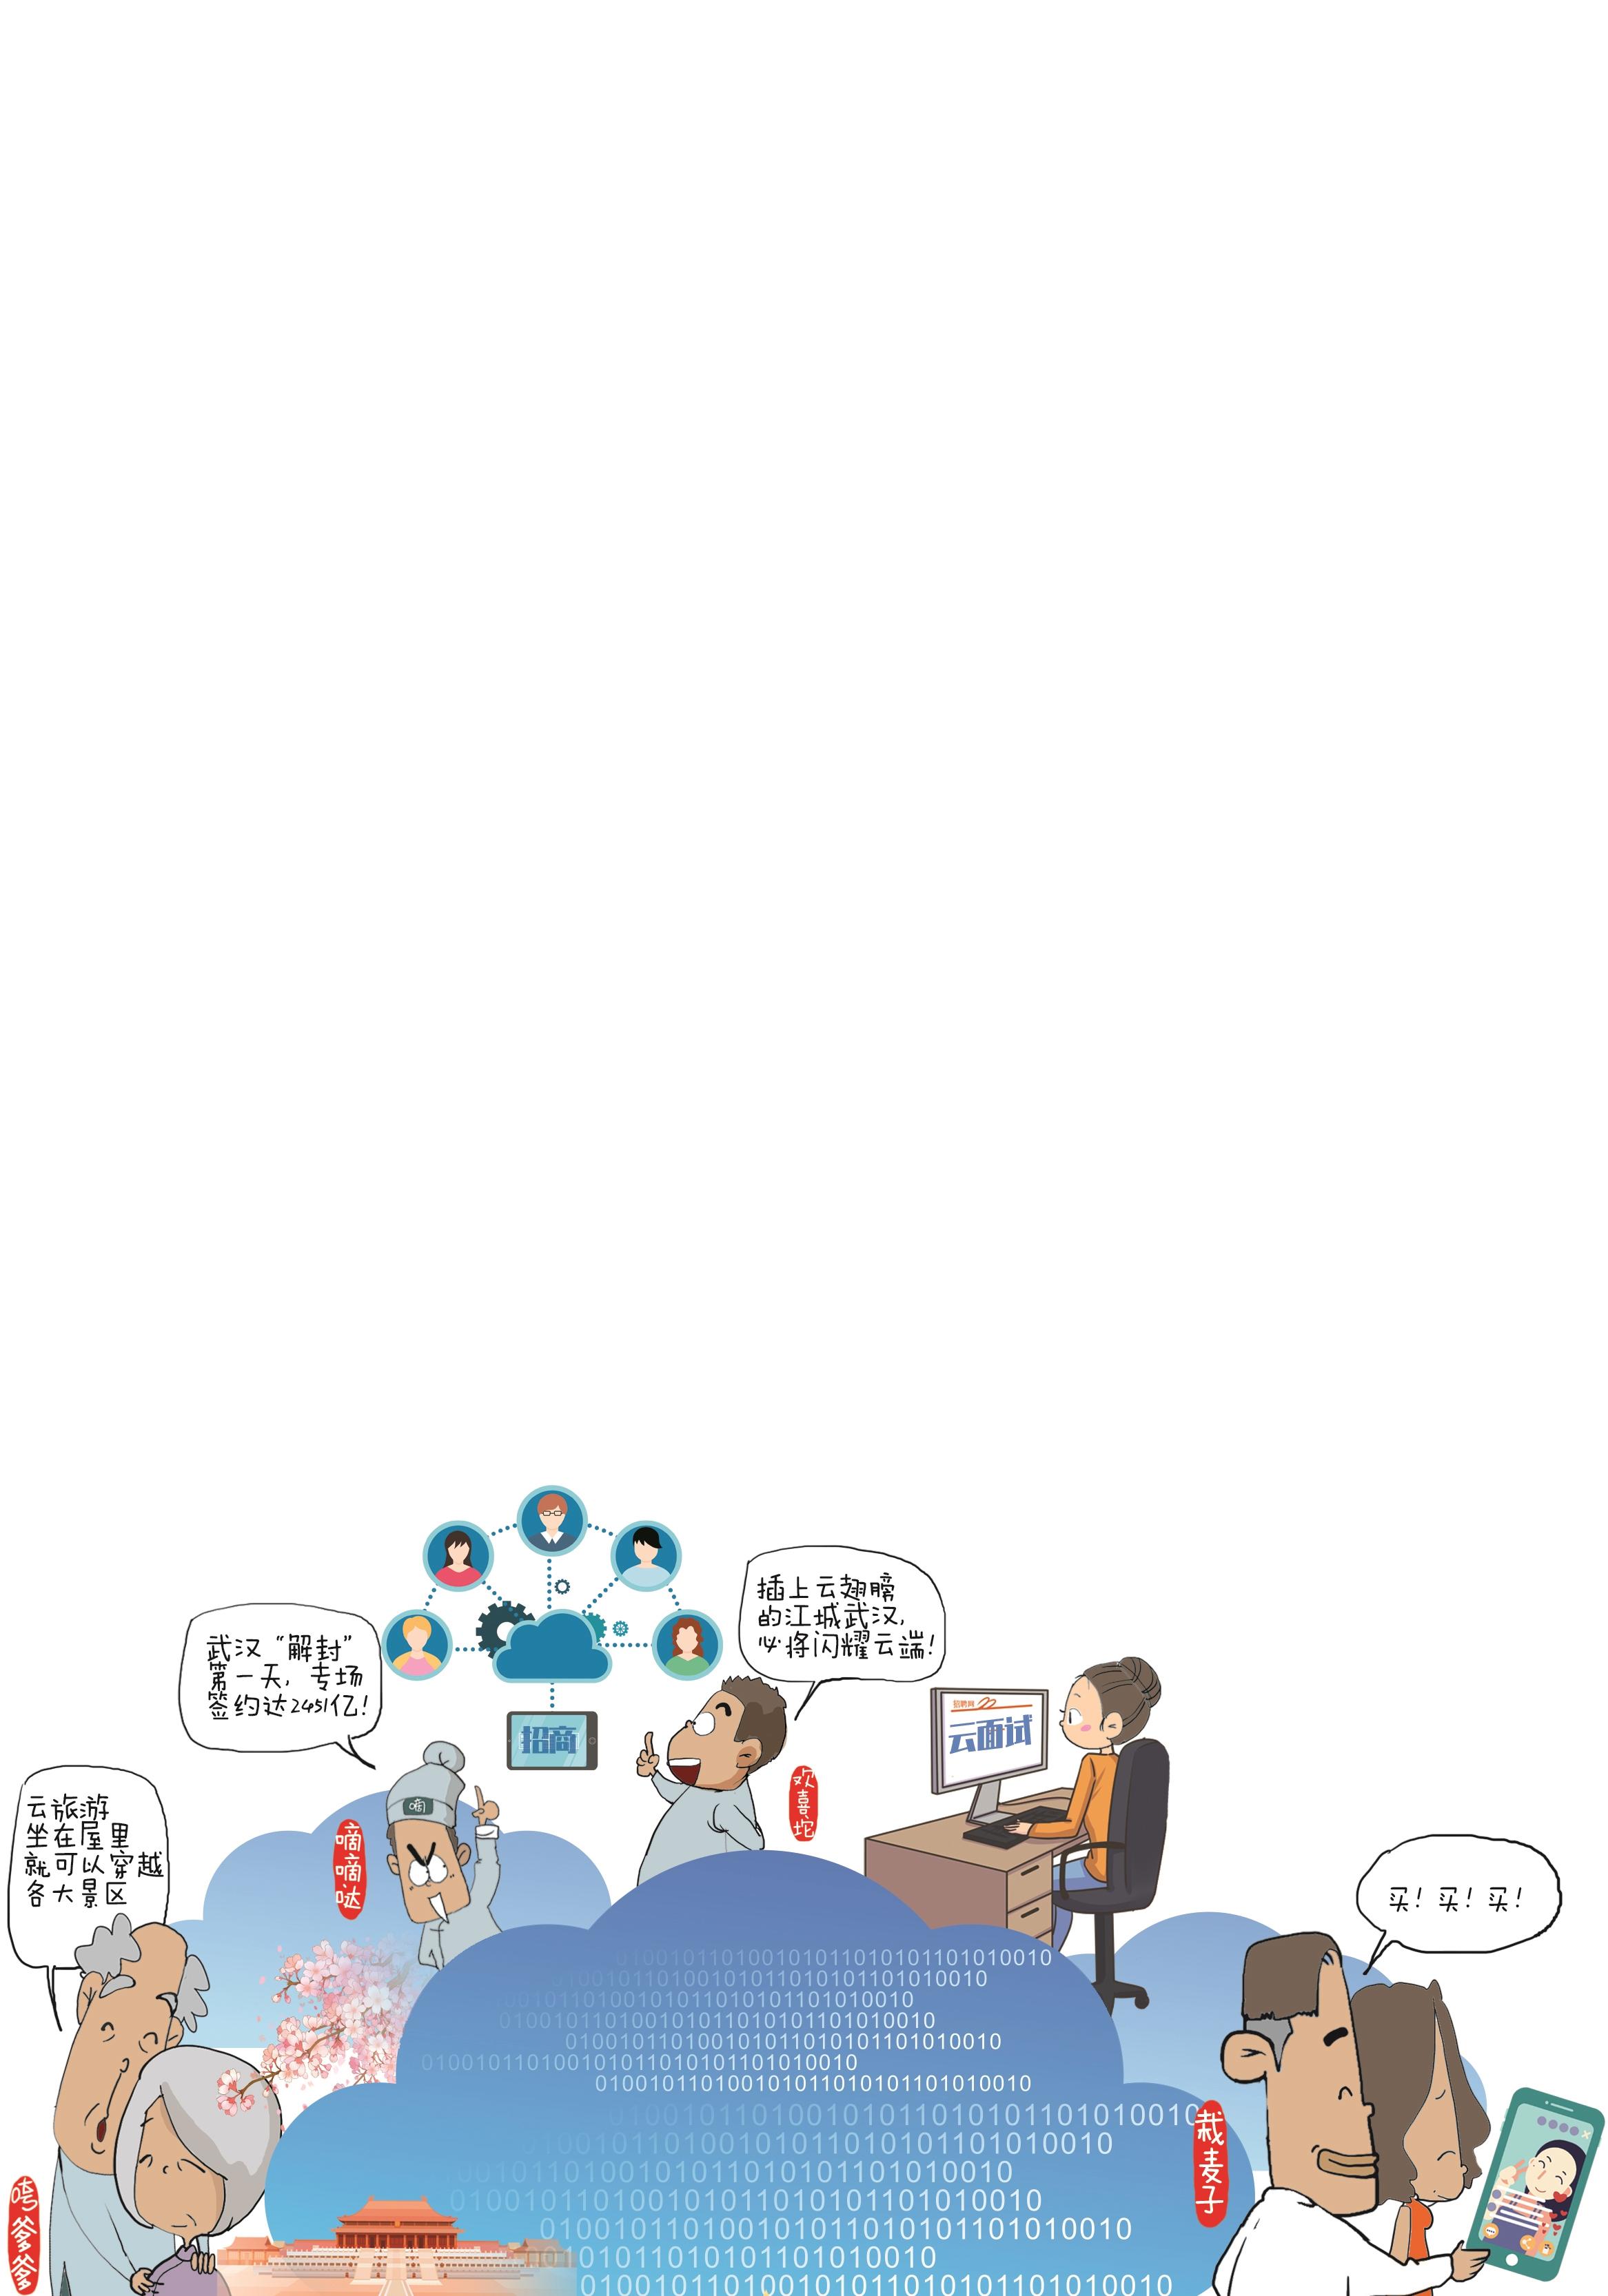 http://www.whtlwz.com/tiyuyundong/107447.html